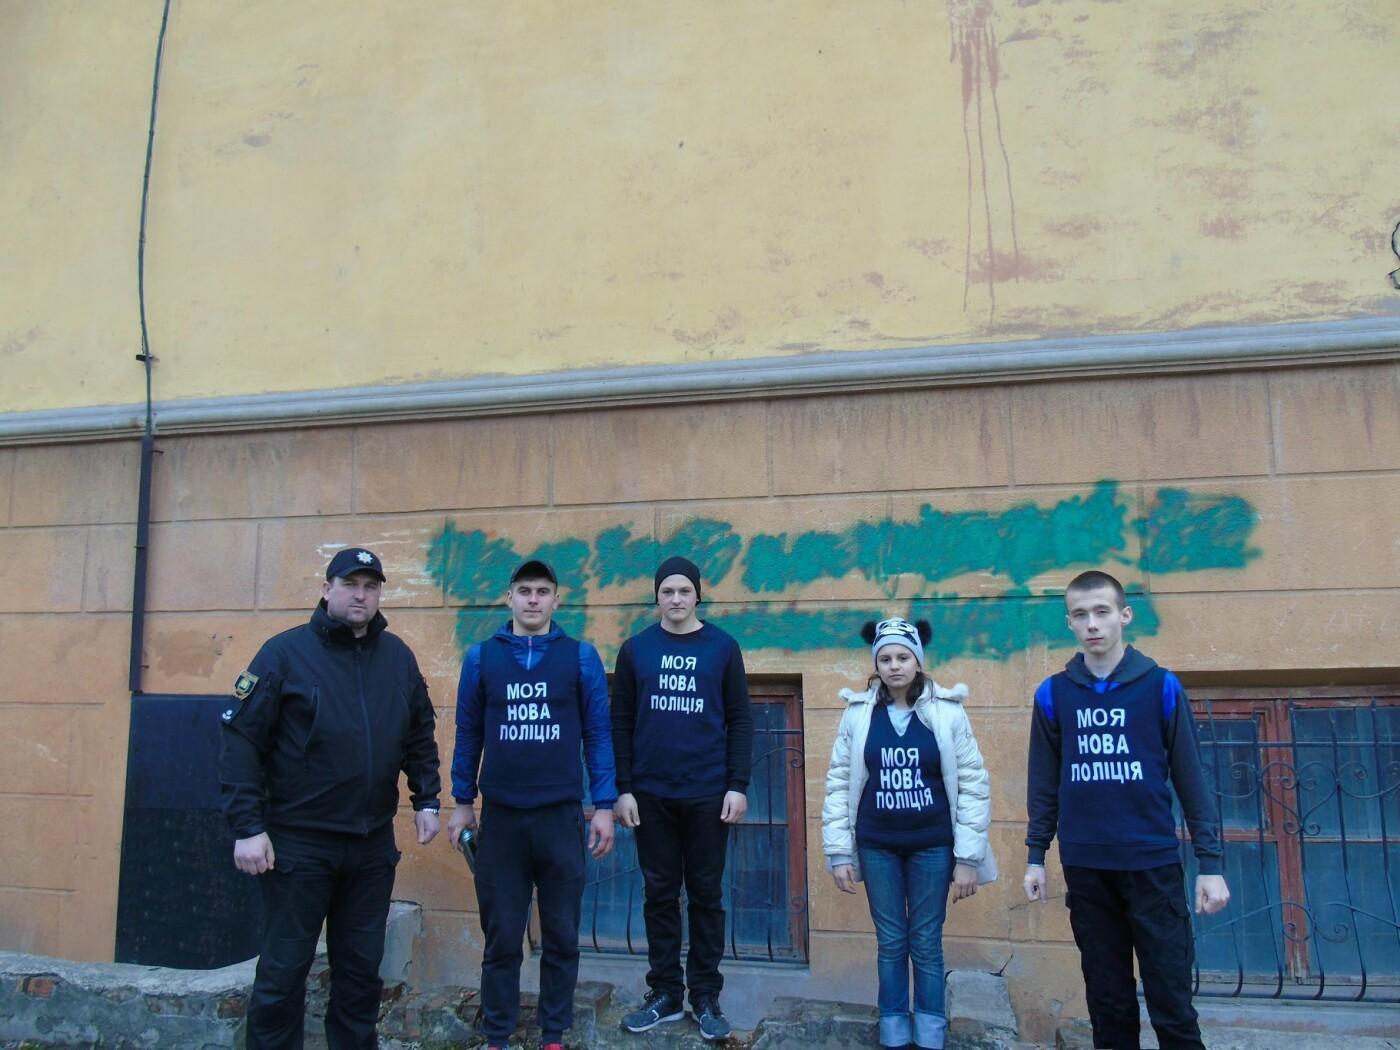 Молодежь Константиновки зарисовала рекламу наркотиков на стенах зданий города, фото-3